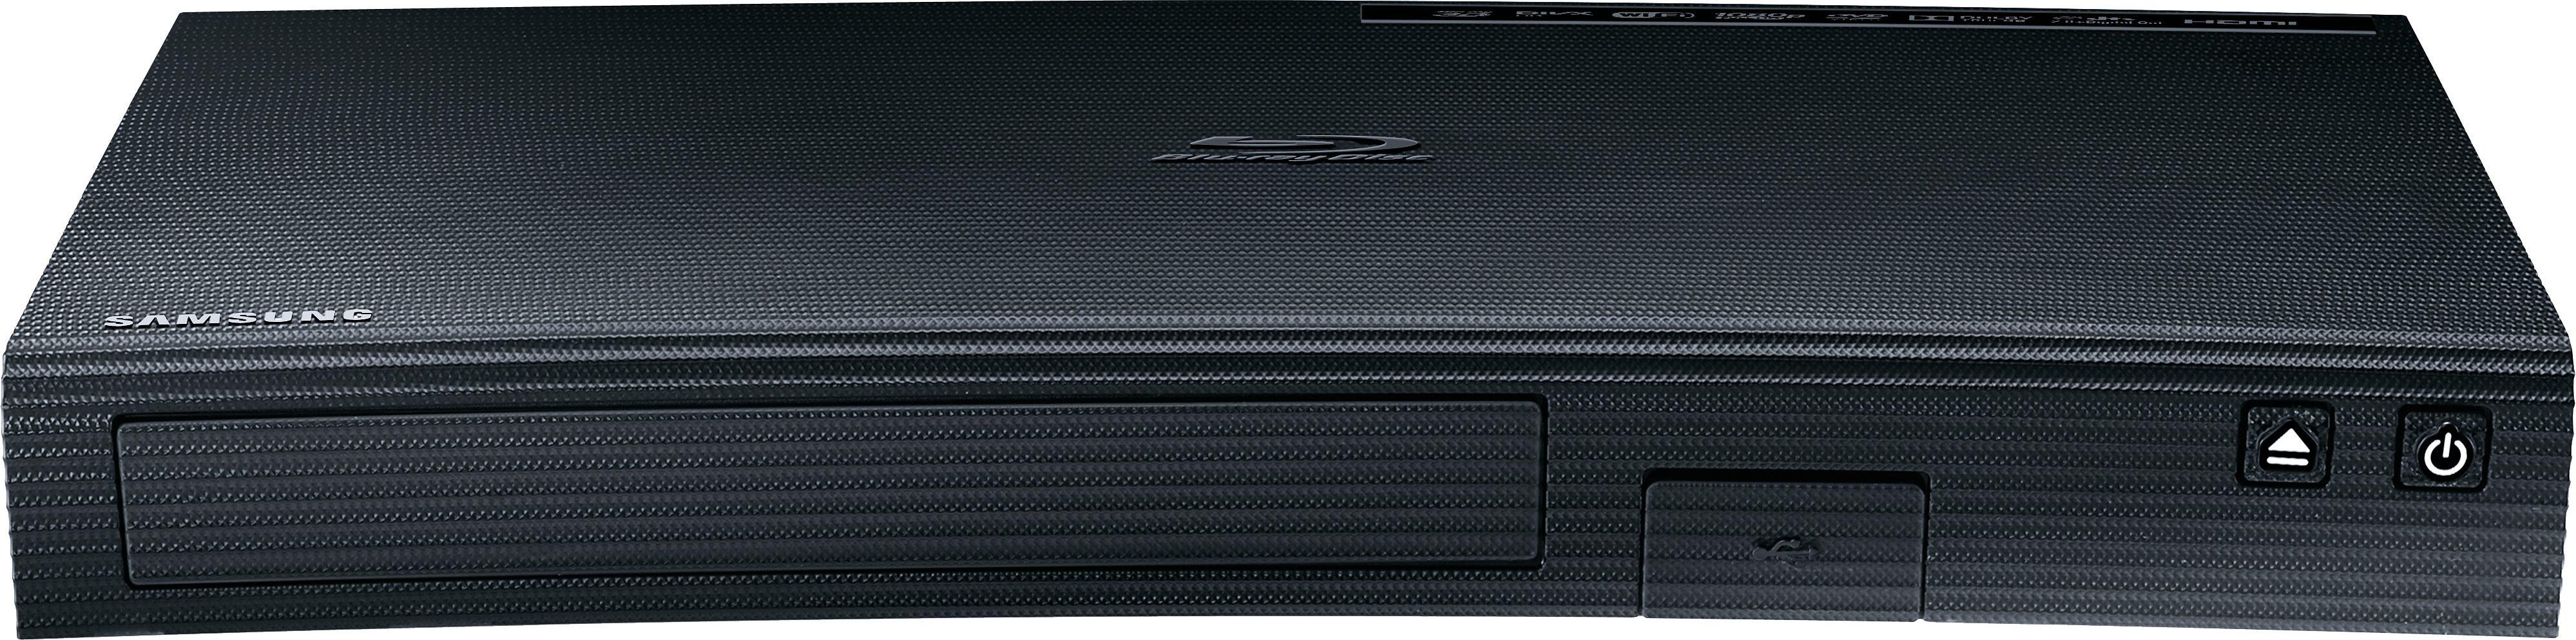 Samsung BD-J5900 3D Blu-ray-Player 3D-fähig WLAN